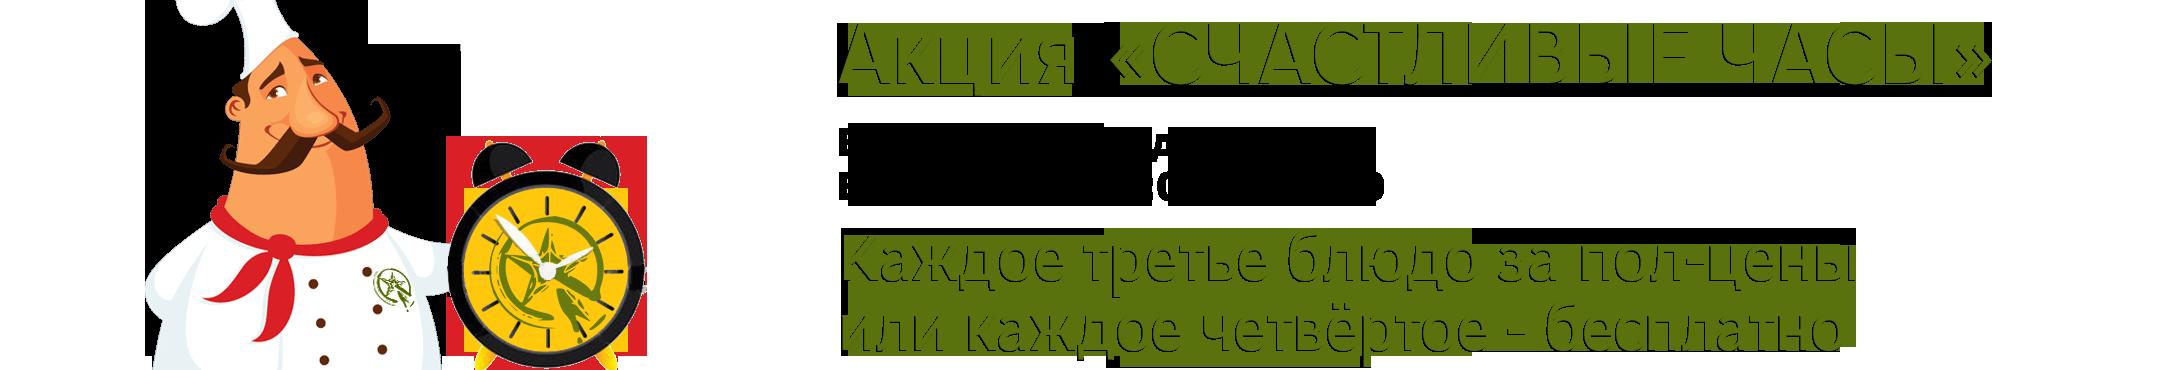 осетинские пироги доставка в Москве акция счастливые часы